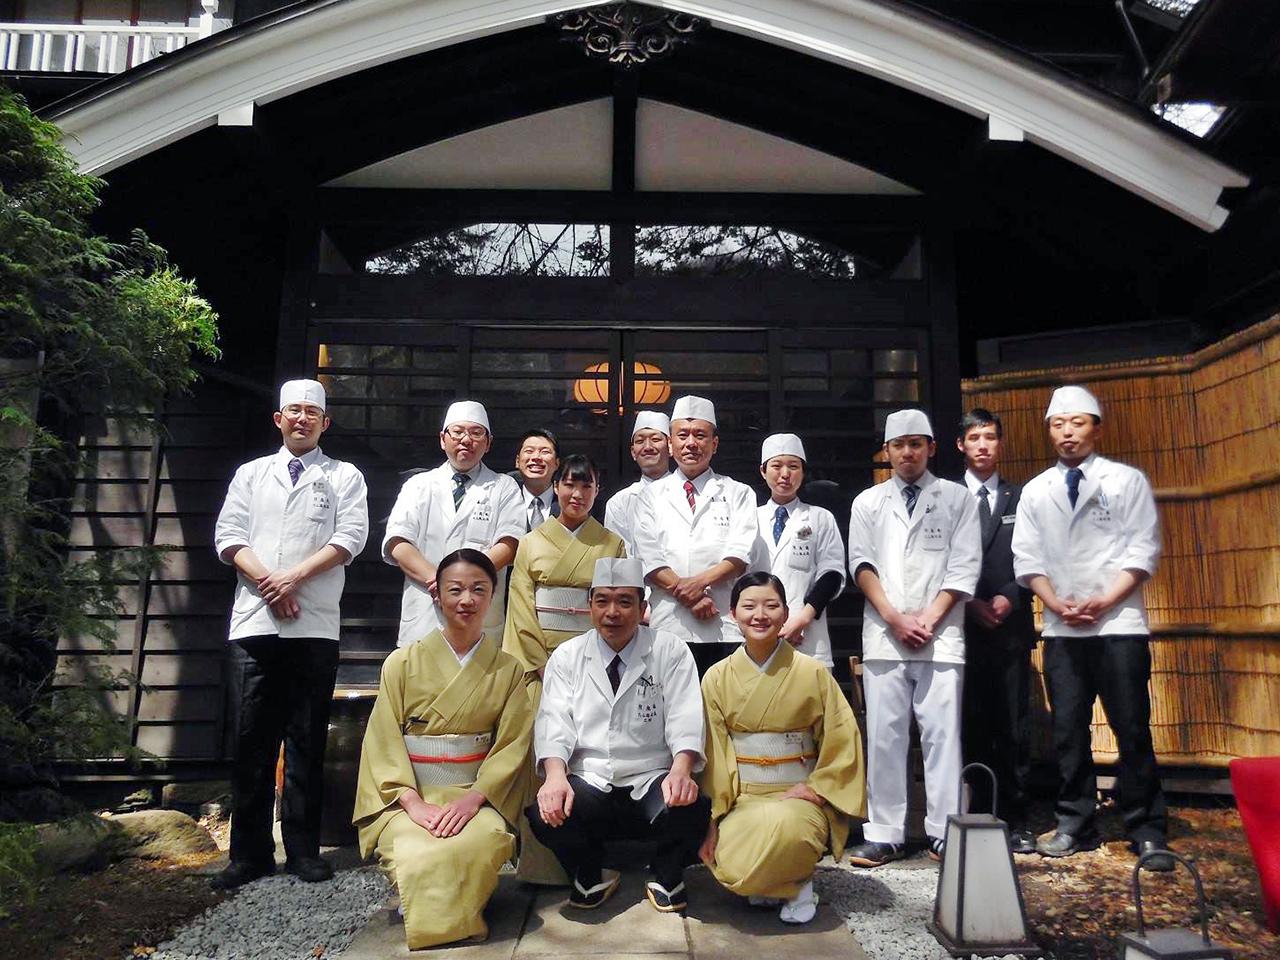 京料理伝承の繊細な味わいを、一期一会の精神でおもてなし。新しい風を吹かせてくれる6名に期待/株式会社熊魚菴たん熊北店